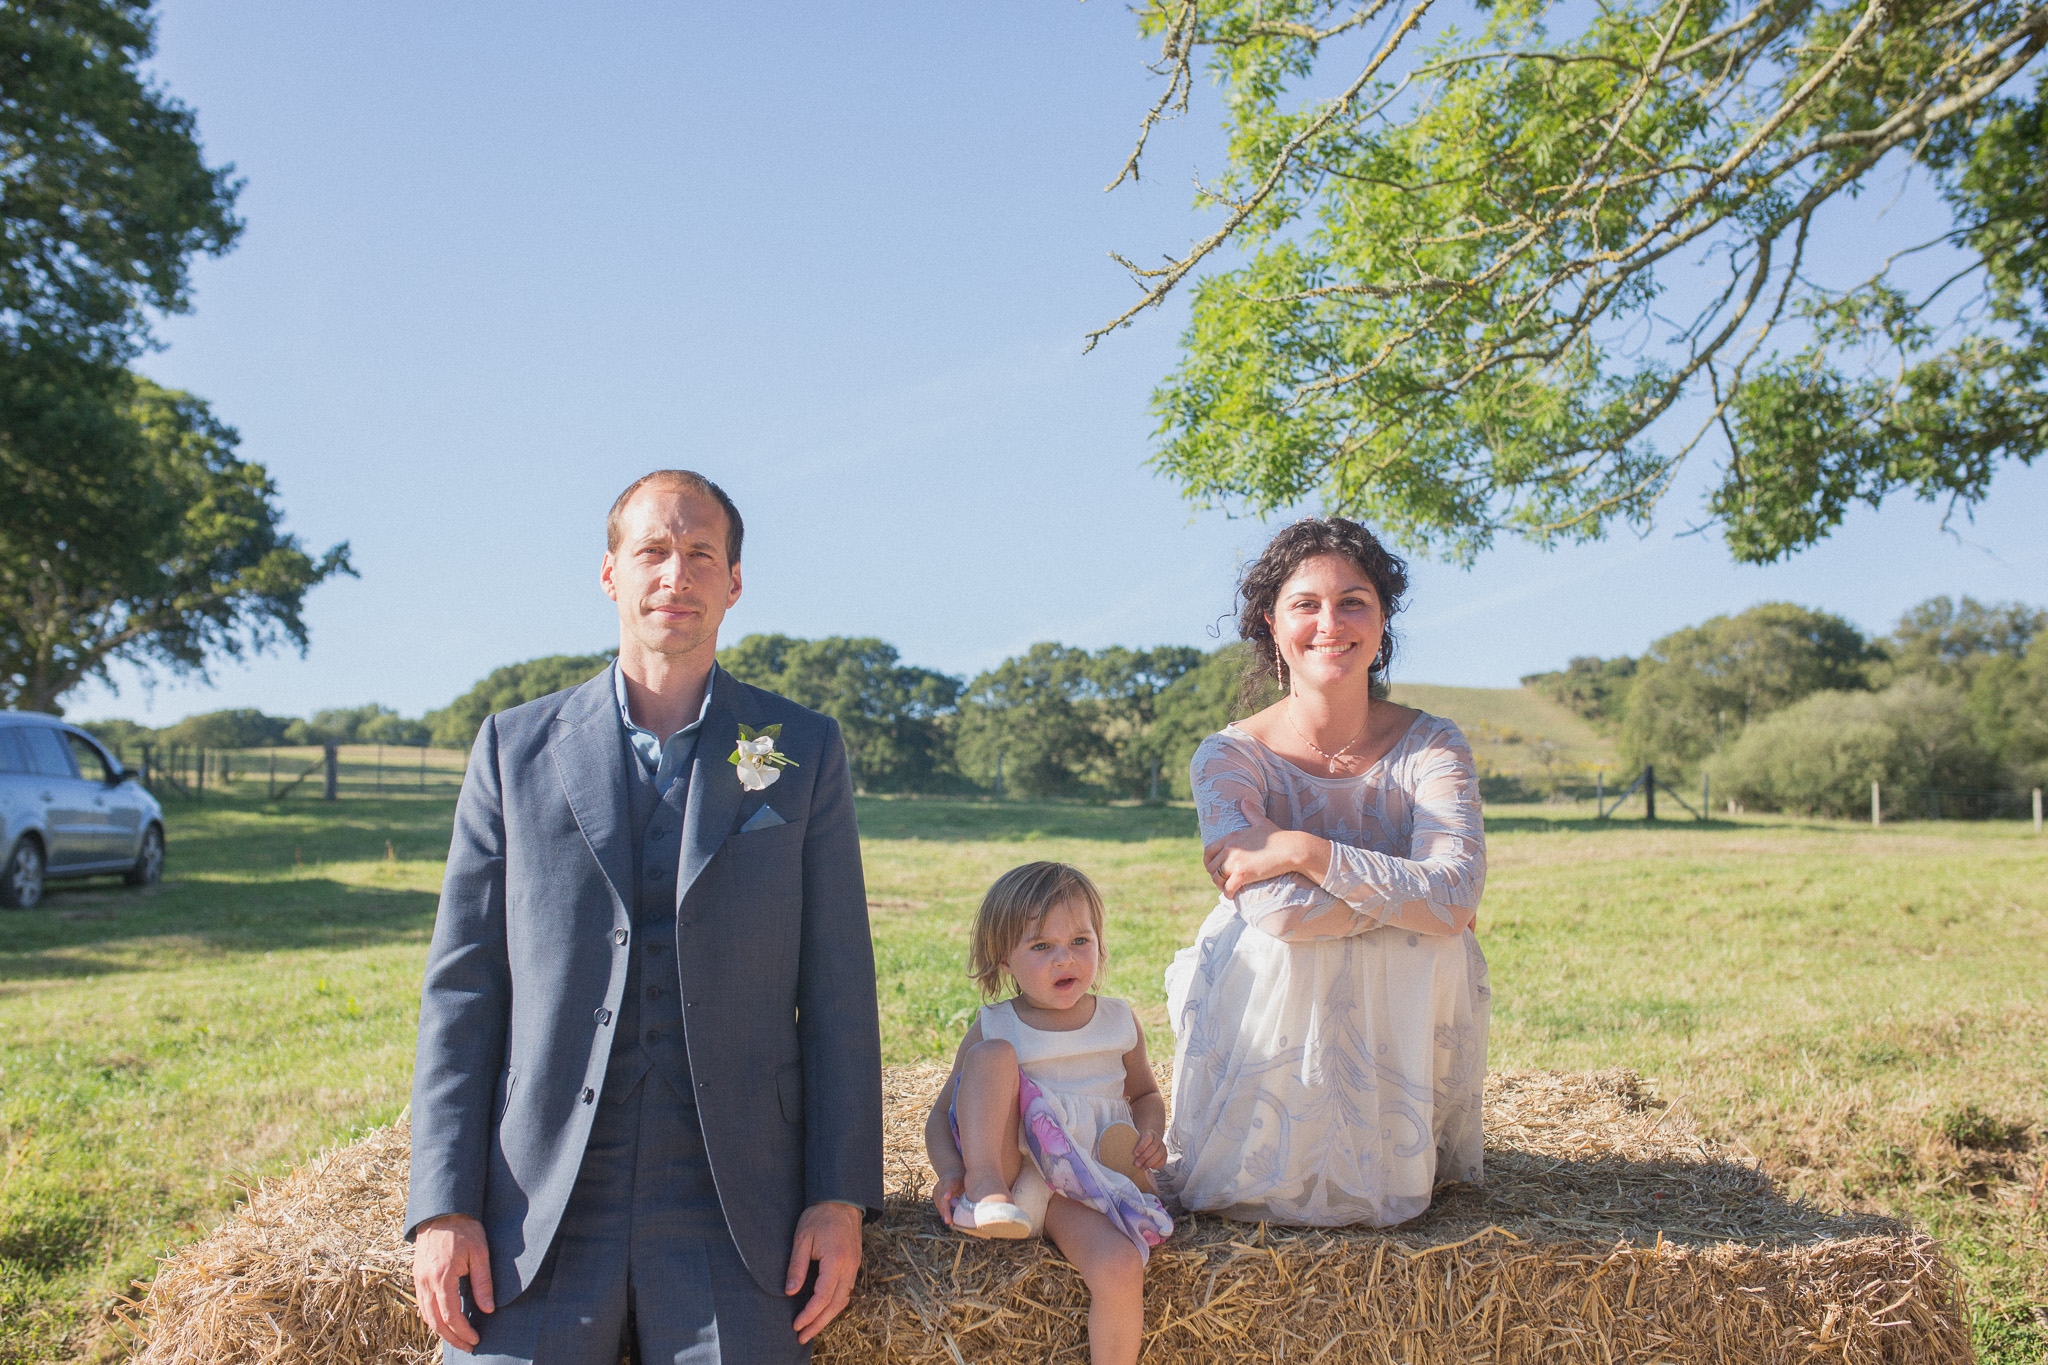 Elisa-Ryan-Rustic-Wedding-Blog-120.jpg